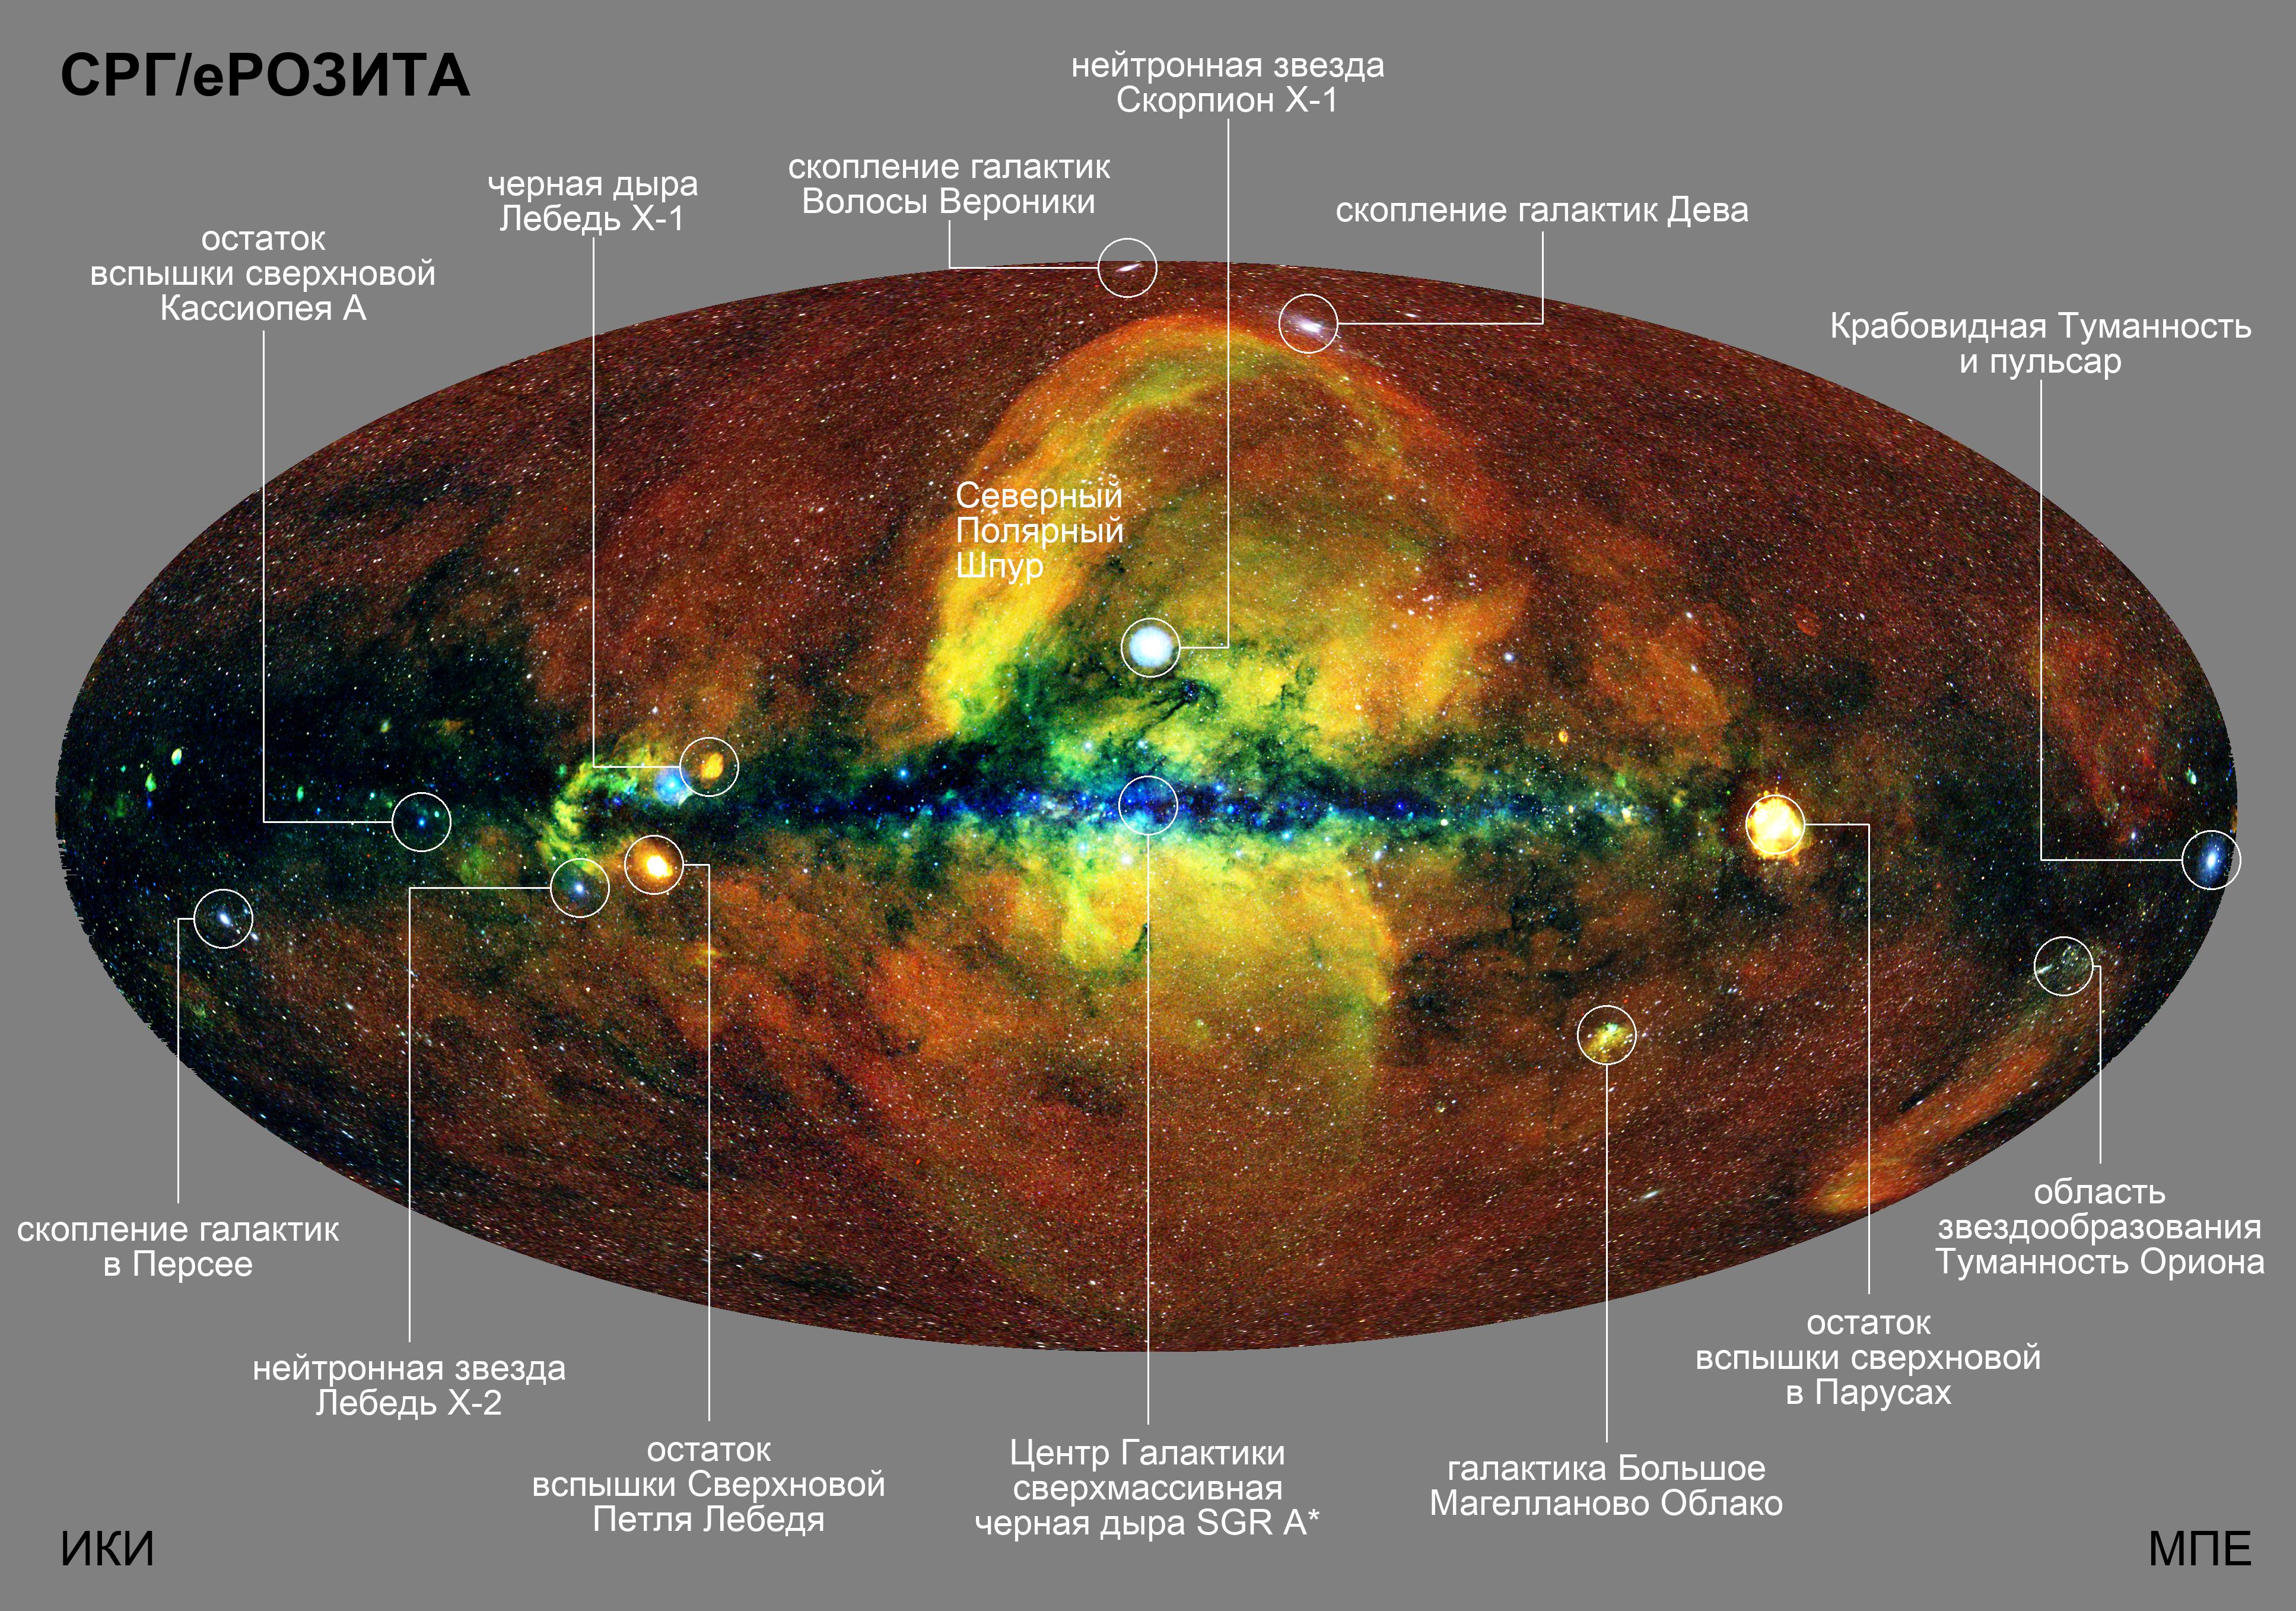 Черная дыра в 4 млн раз массивнее Солнца Космос